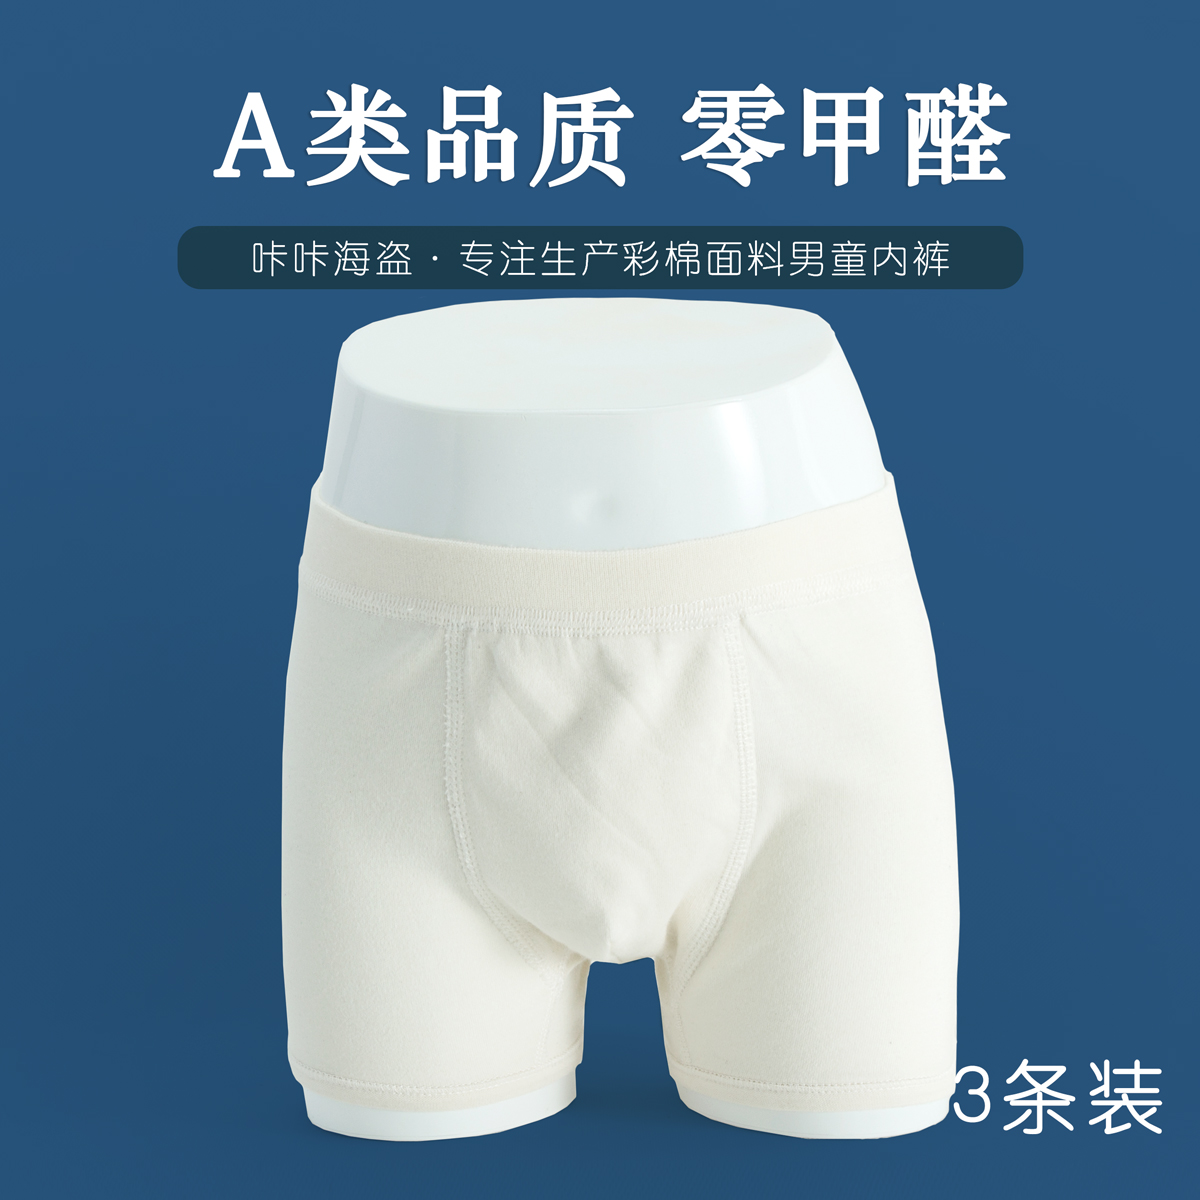 儿童内裤男宝宝春男童平角四角底裤幼童婴儿纯棉短裤本色棉四角裤